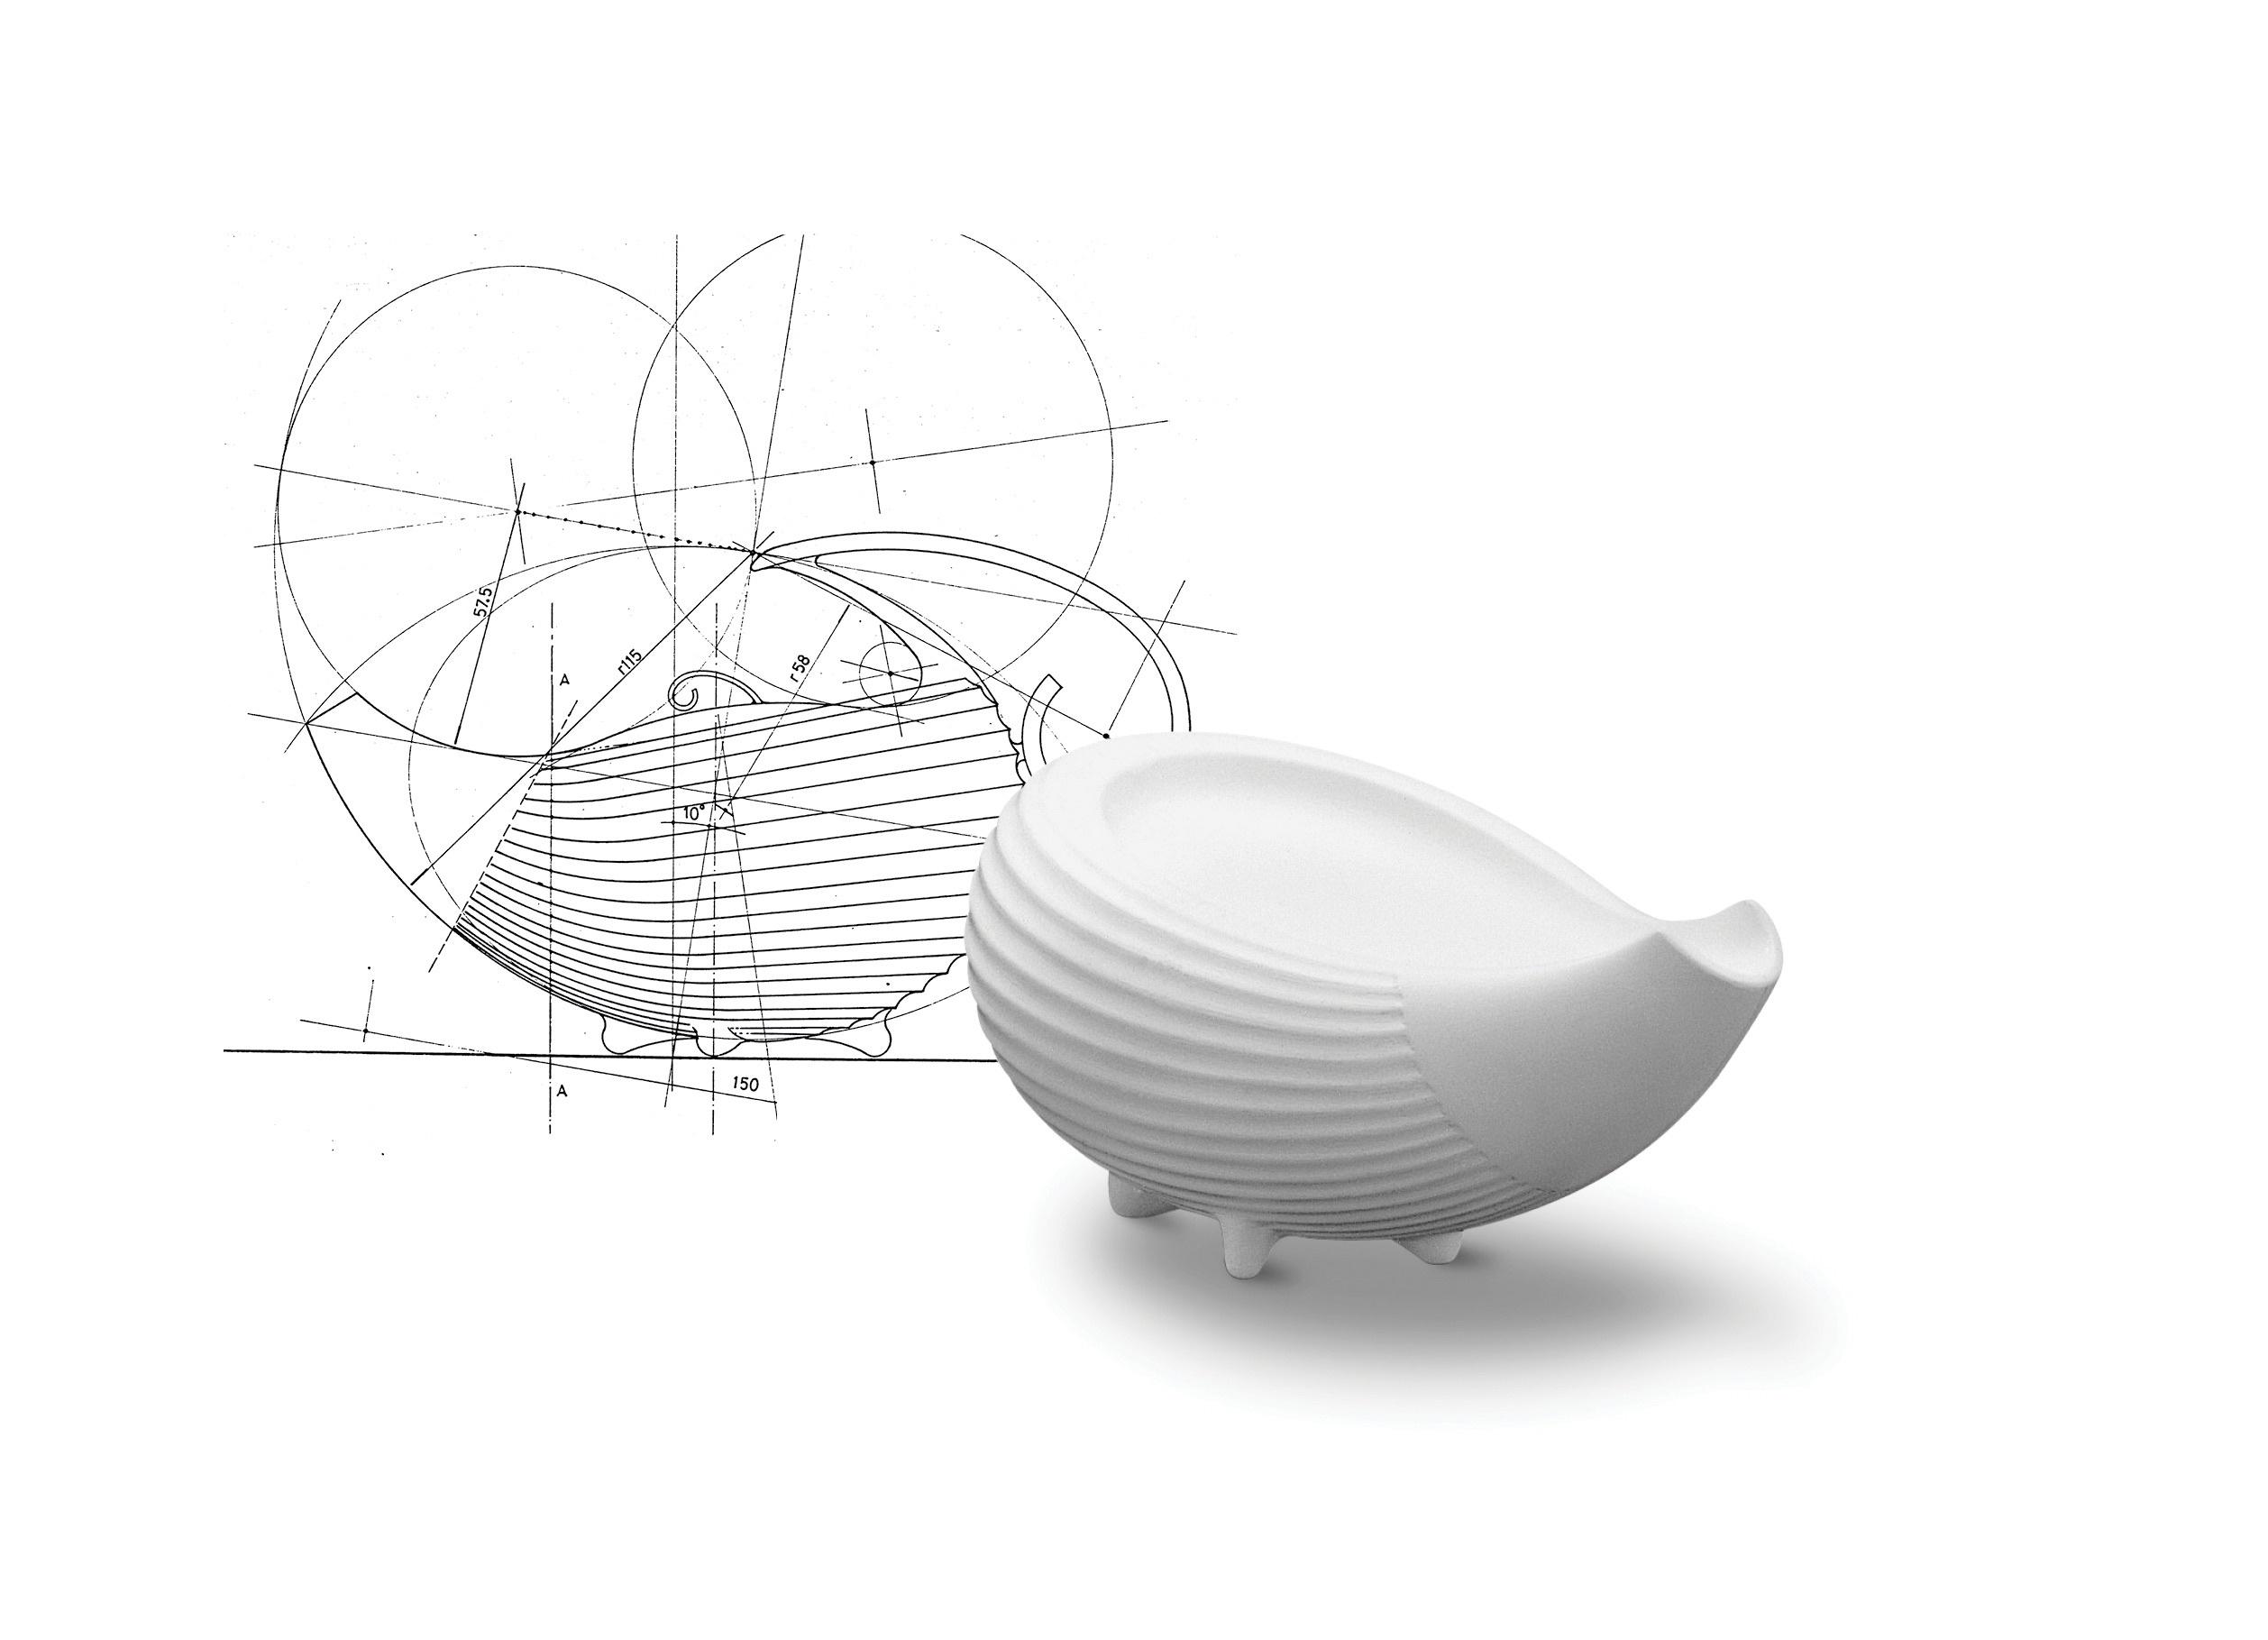 163 narumi serie alva portfolio fish form studio di design e progettazione verona